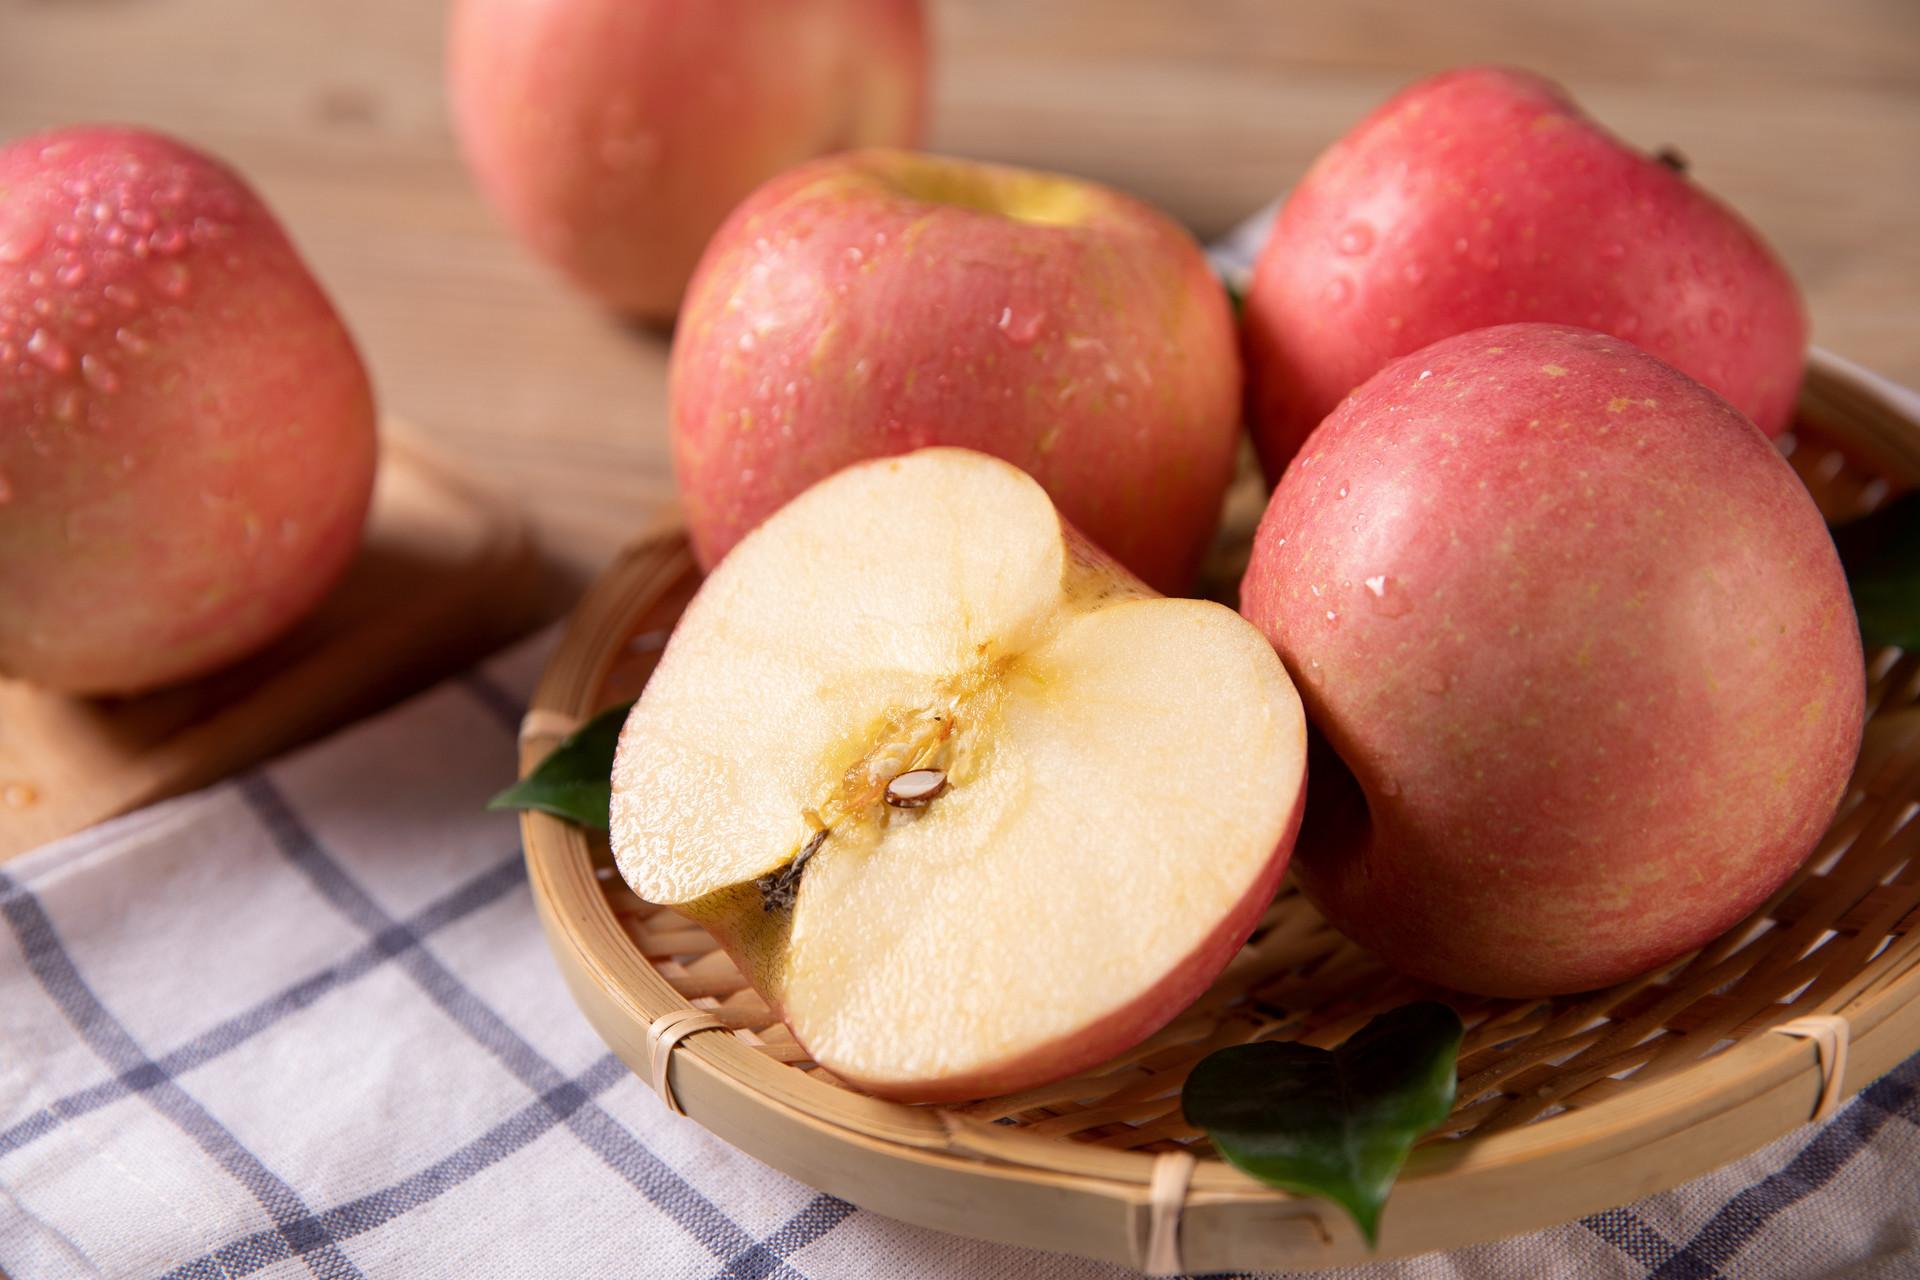 吃苹果究竟需不需要削皮?